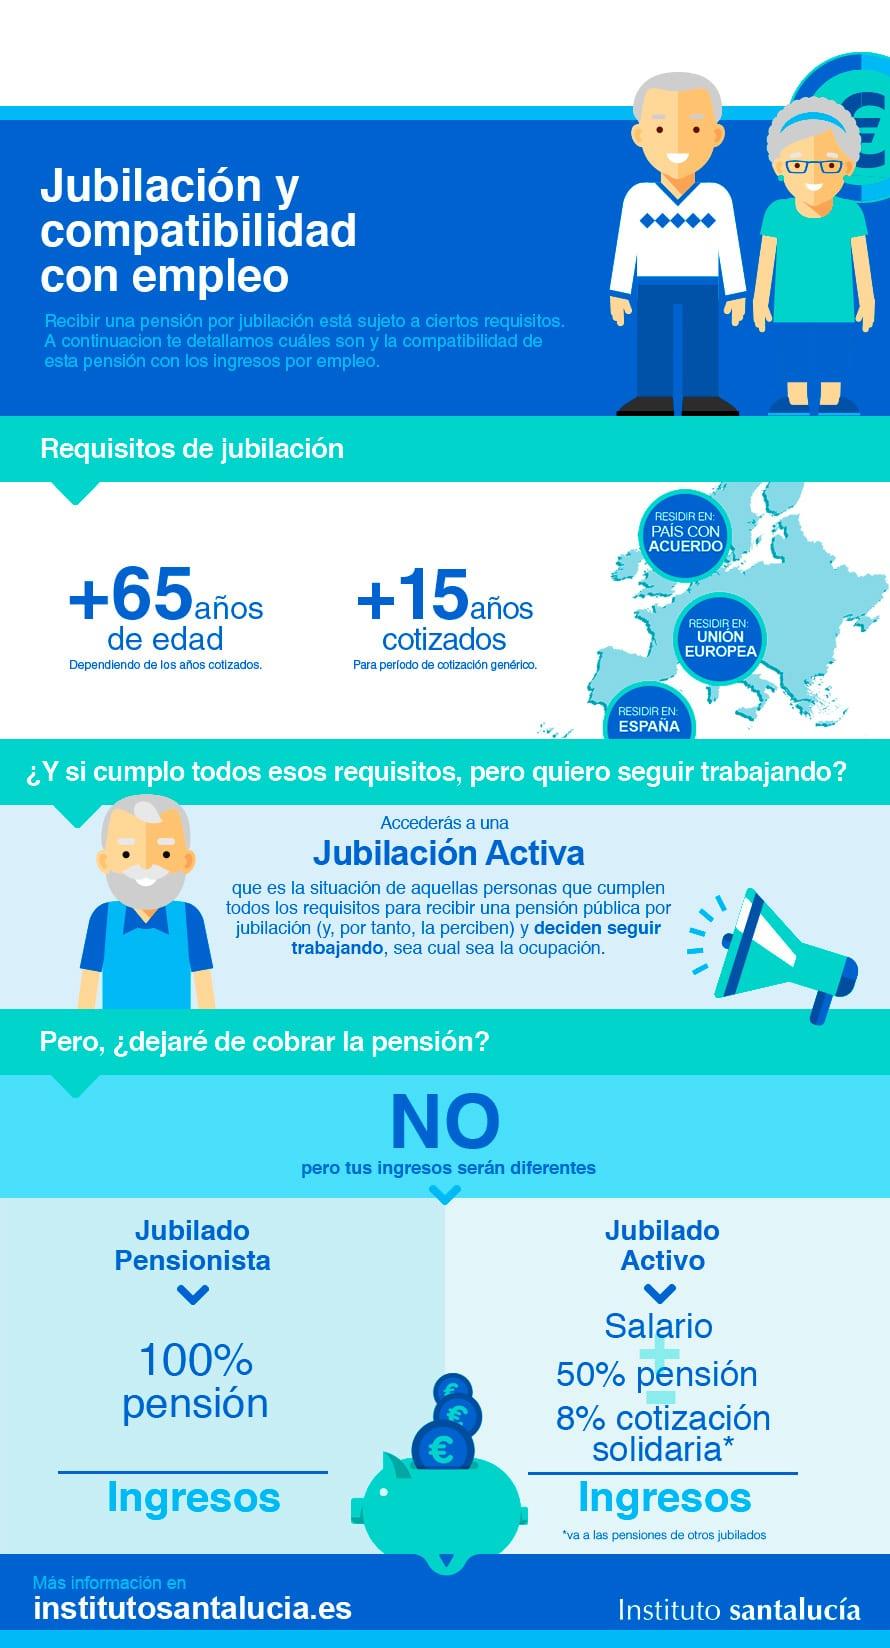 Jubilación y Compatibilidad con el Empleo: Infografía